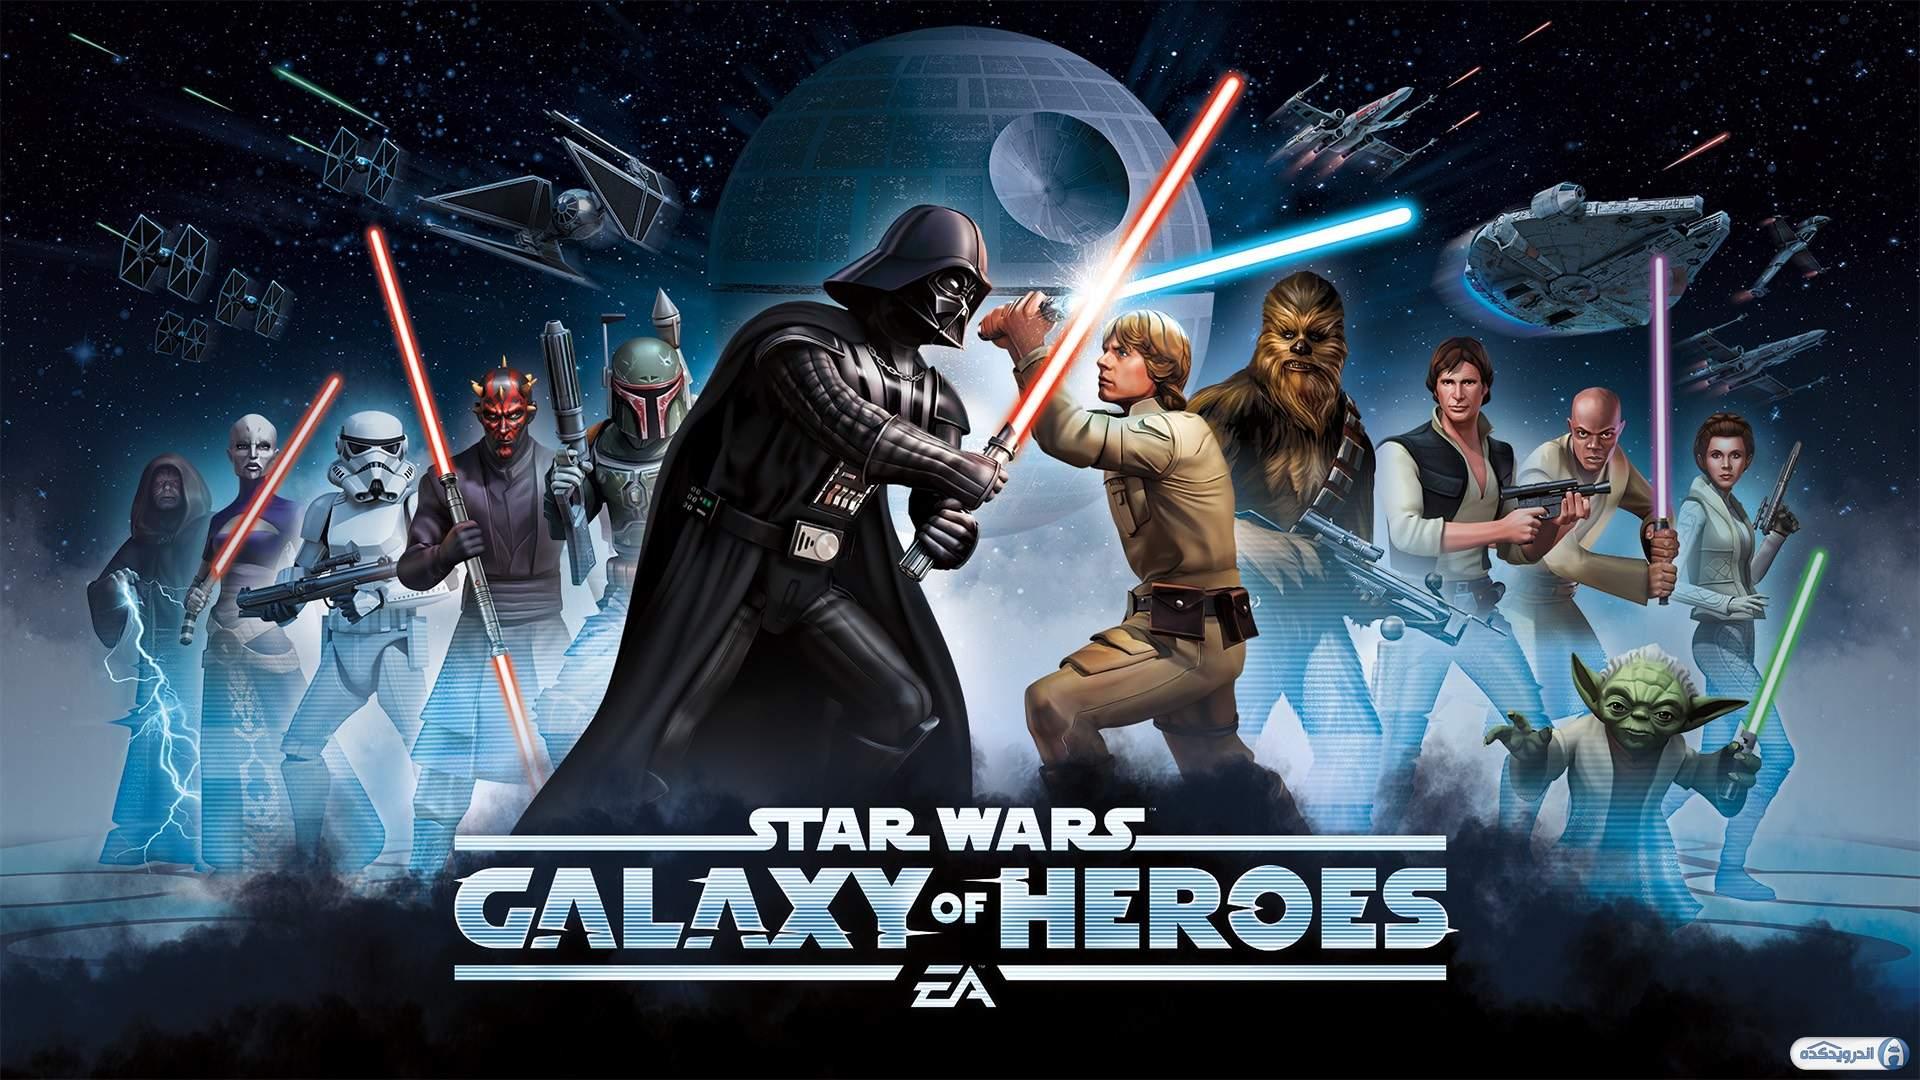 دانلود Star Wars™: Galaxy of Heroes 0.23.742101 بازی جنگ ستارگان: کهکشان قهرمانان  اندروید + مود